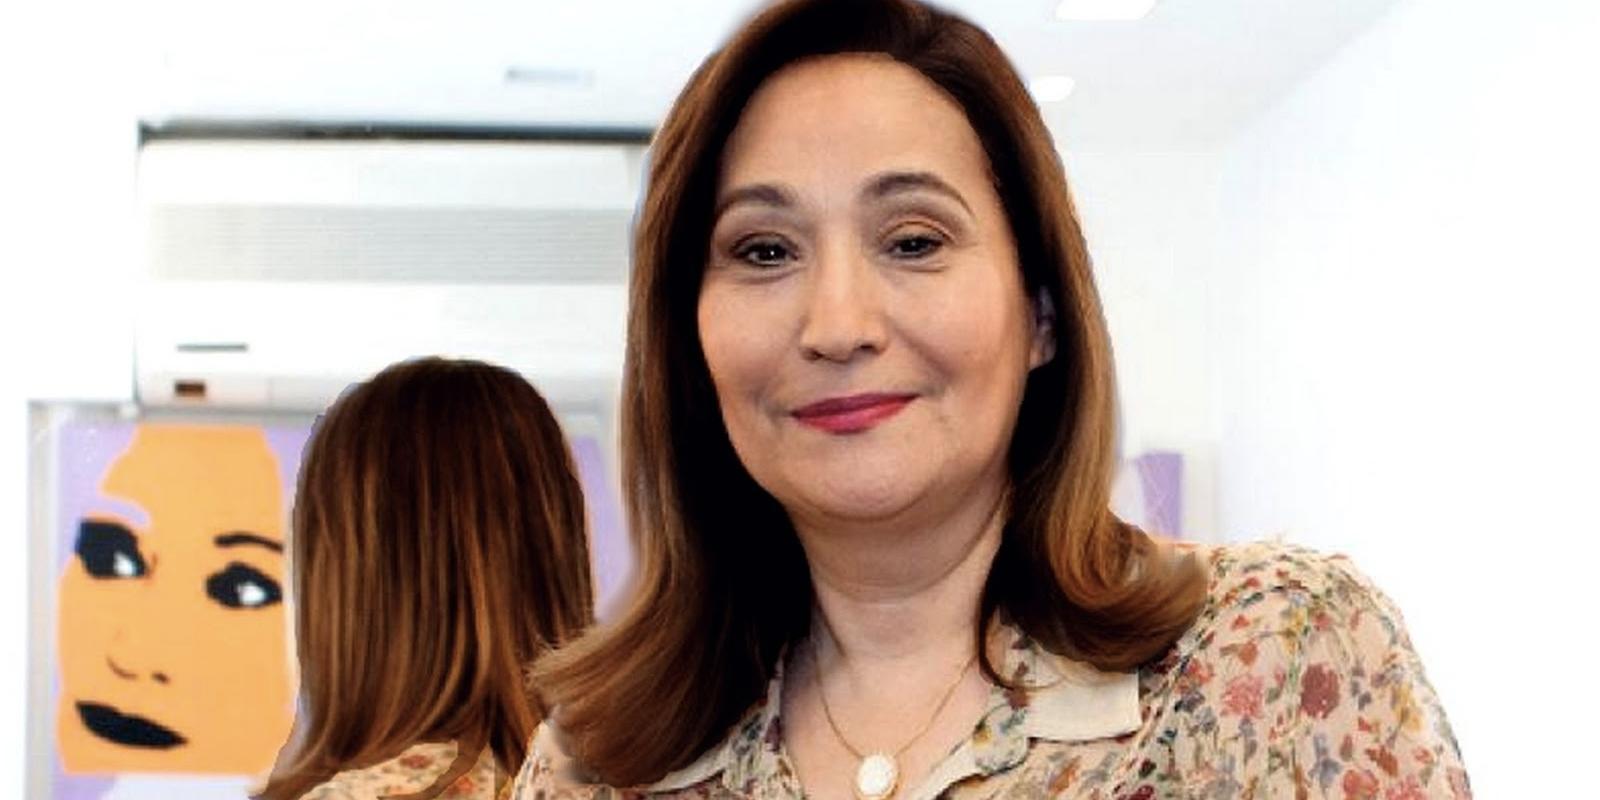 Sonia Abrão, apresentadora do 'A Tarde É Sua' na RedeTV! (Foto: reprodução)